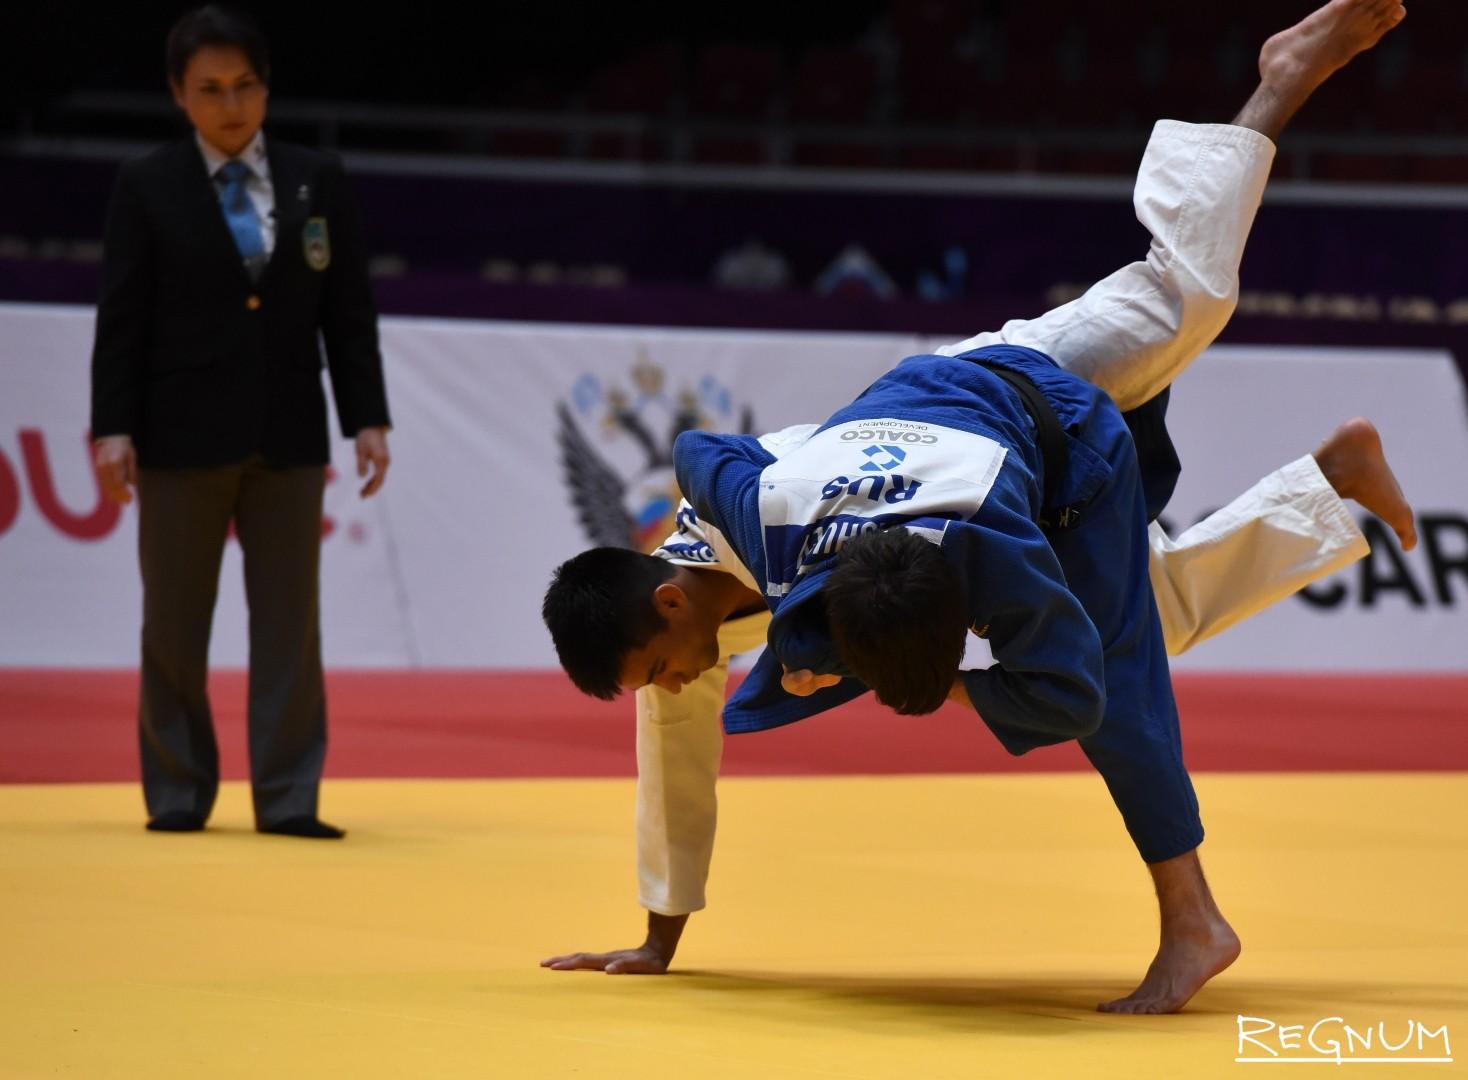 Международный турнир по дзюдо «Мастерс-2017». Дзюдоисты Яшуев И. (Россия,синий) и Такабатаке Е. (Бразилия, белый)